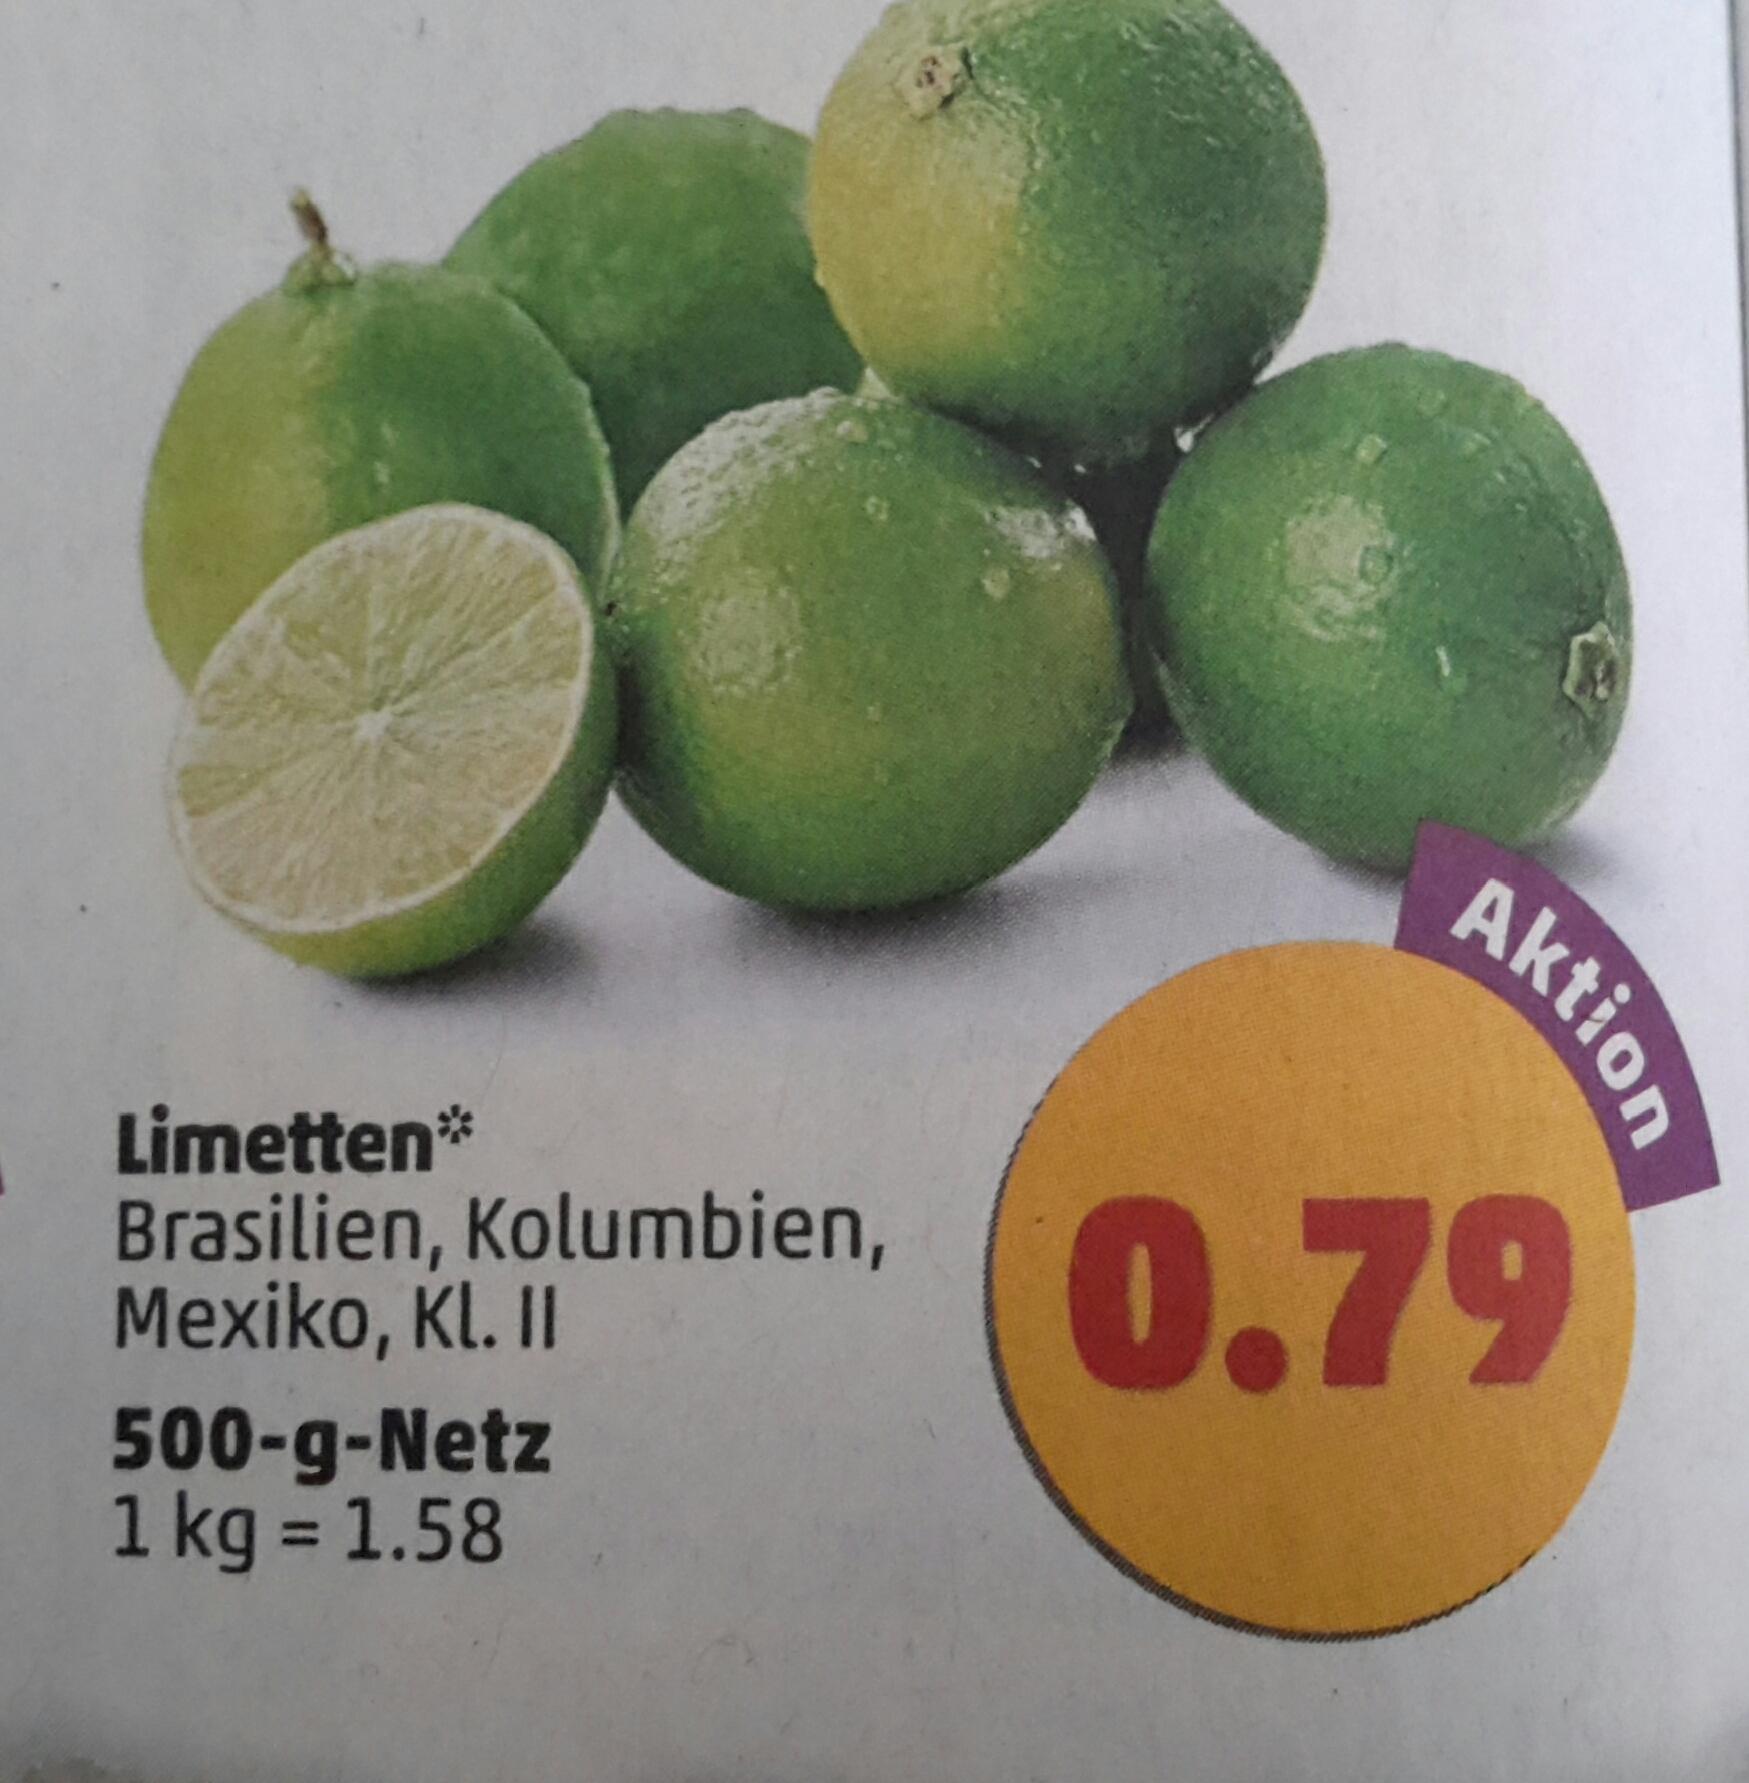 [Penny] 500g Limetten für 0,79 € ab 20.02.17